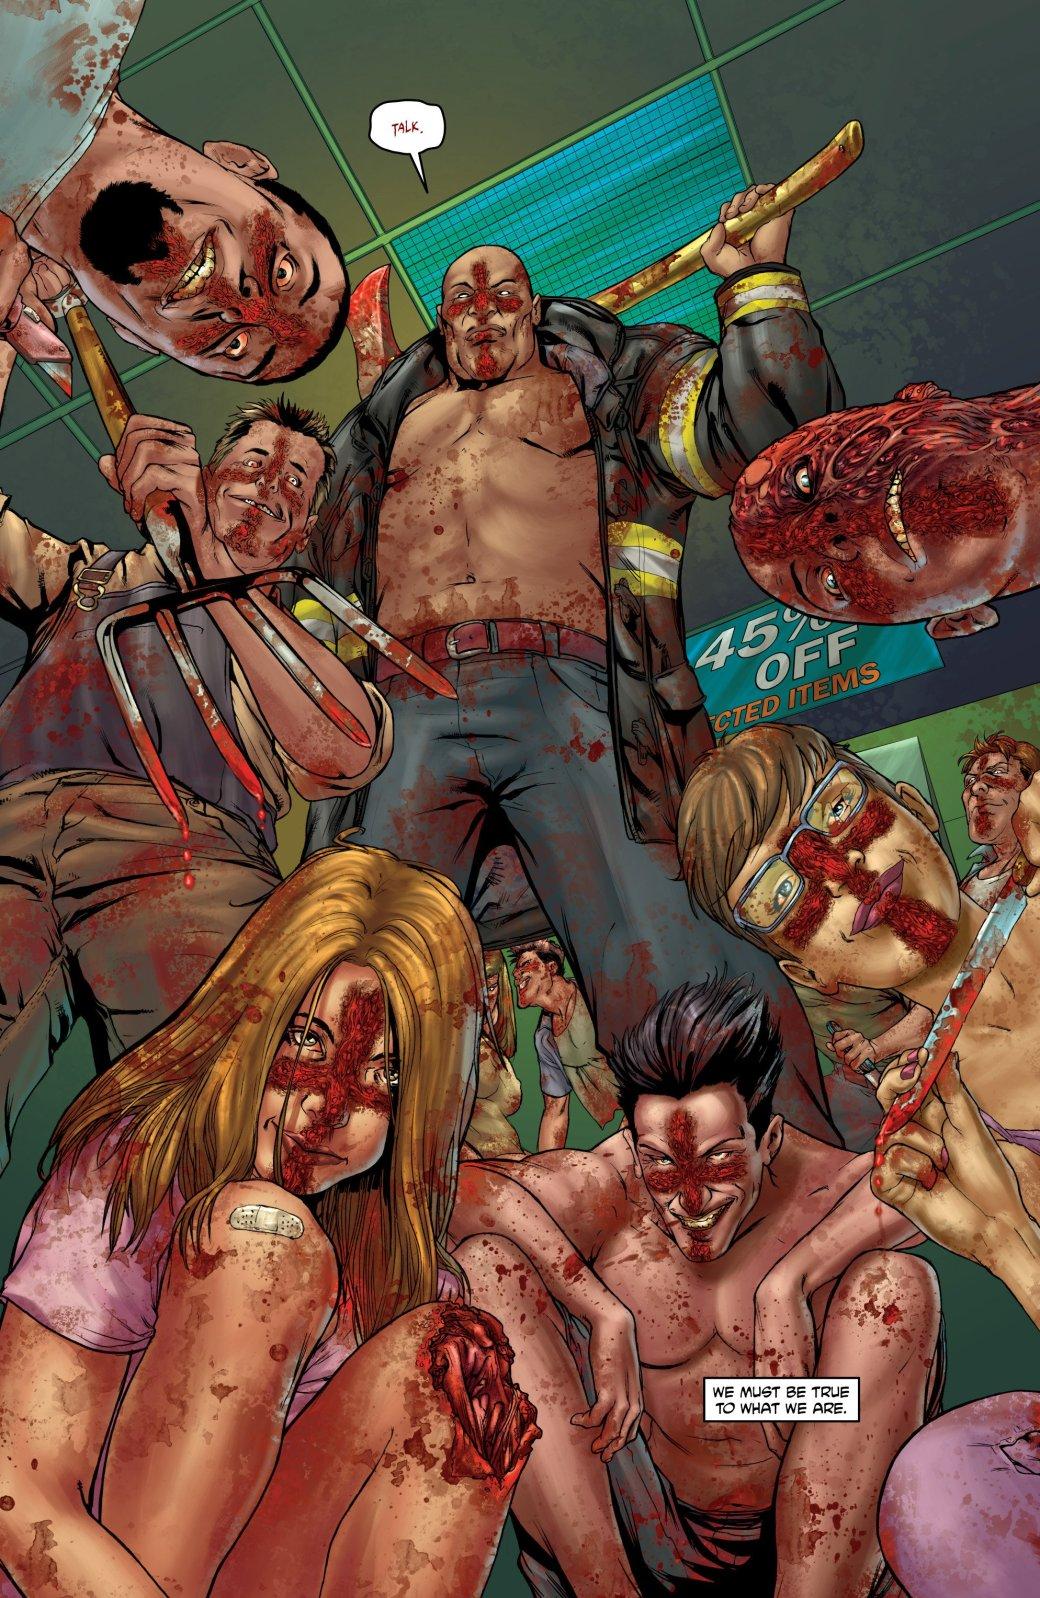 Самые жуткие и отвратительные хоррор-комиксы   Канобу - Изображение 19